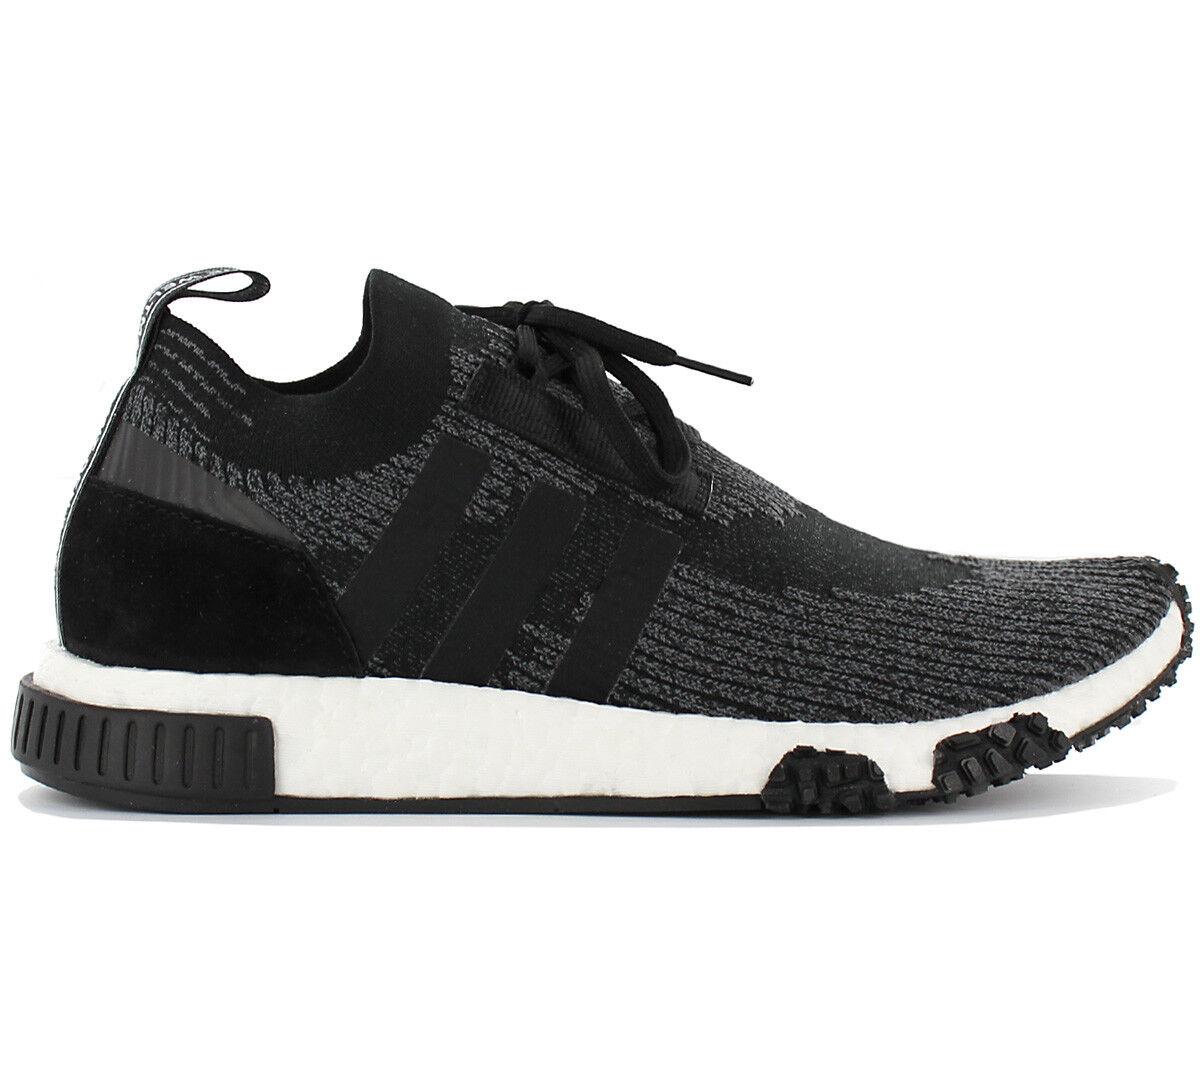 c944683868461 Adidas Originals Nmd Racer Pk Primeknit Men s Sneakers shoes R1 Aq0949 New